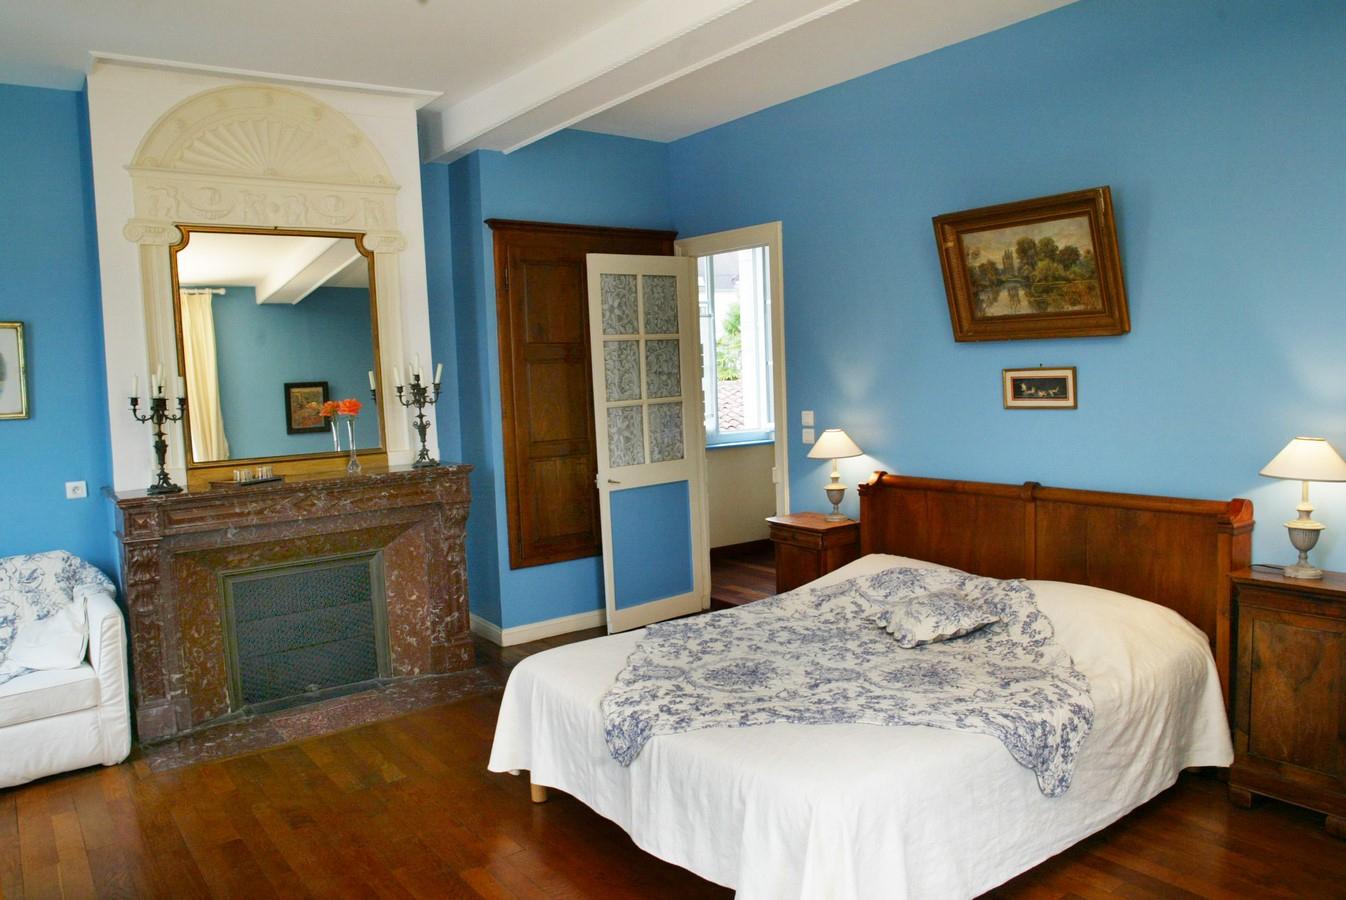 Chambres D'Hôtes D'Arthezenea À Saint-Palais (64 concernant Chambre D Hote Saou